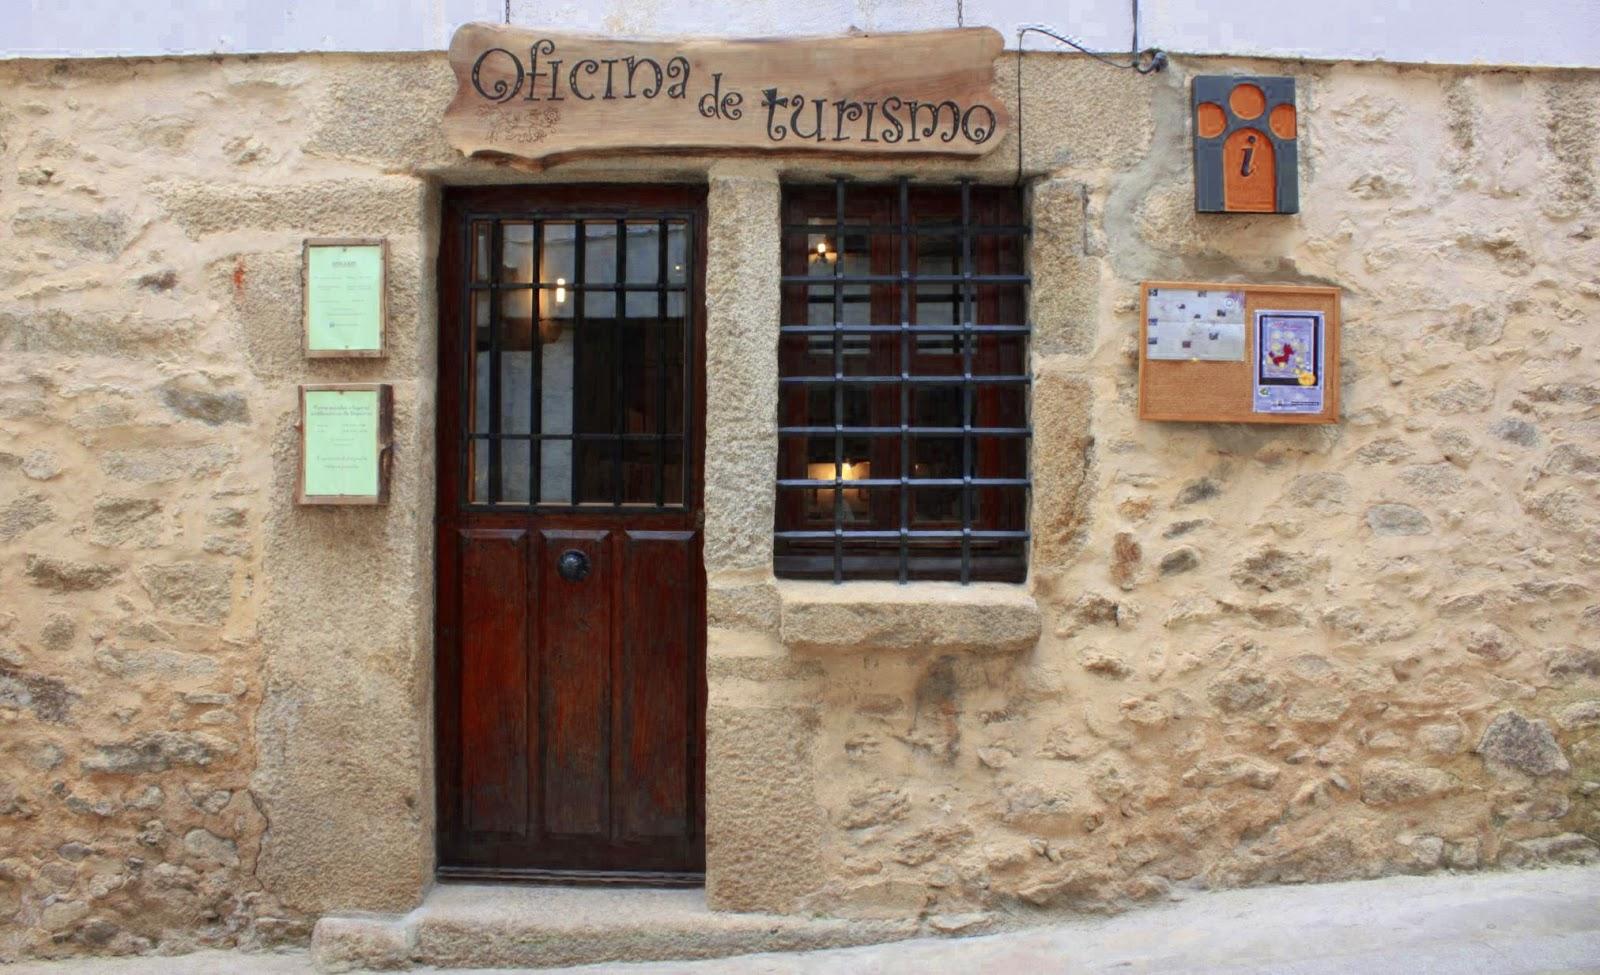 Entresierras revista digital salamanca la oficina de turismo de sequeros echa el cierre - Oficina de turismo en salamanca ...